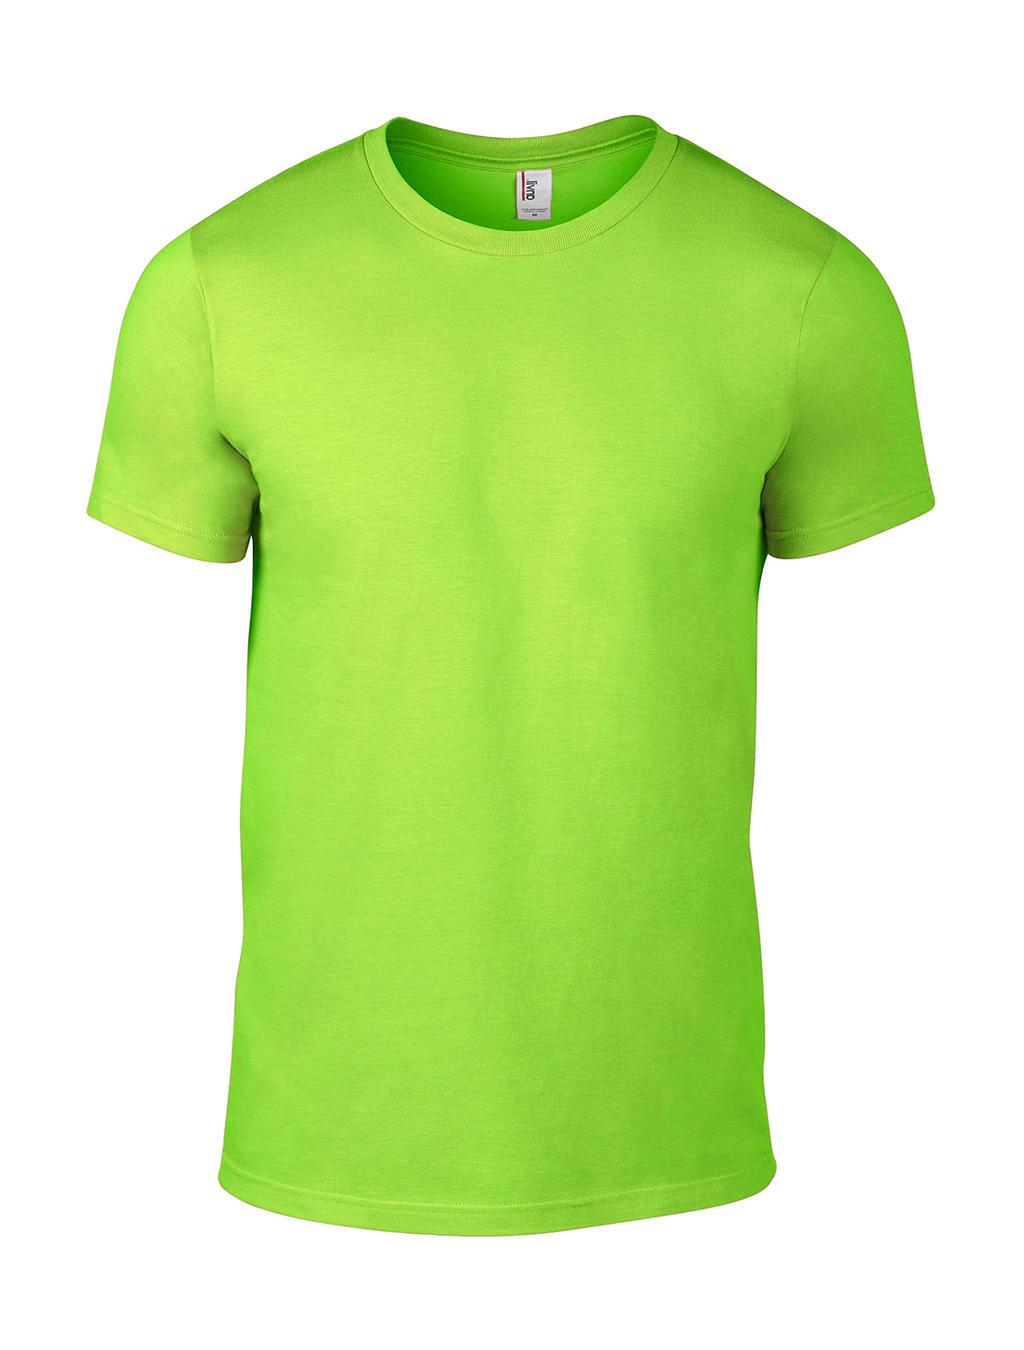 neonfarbige t shirts individuell mit namen und foto bedrucken. Black Bedroom Furniture Sets. Home Design Ideas